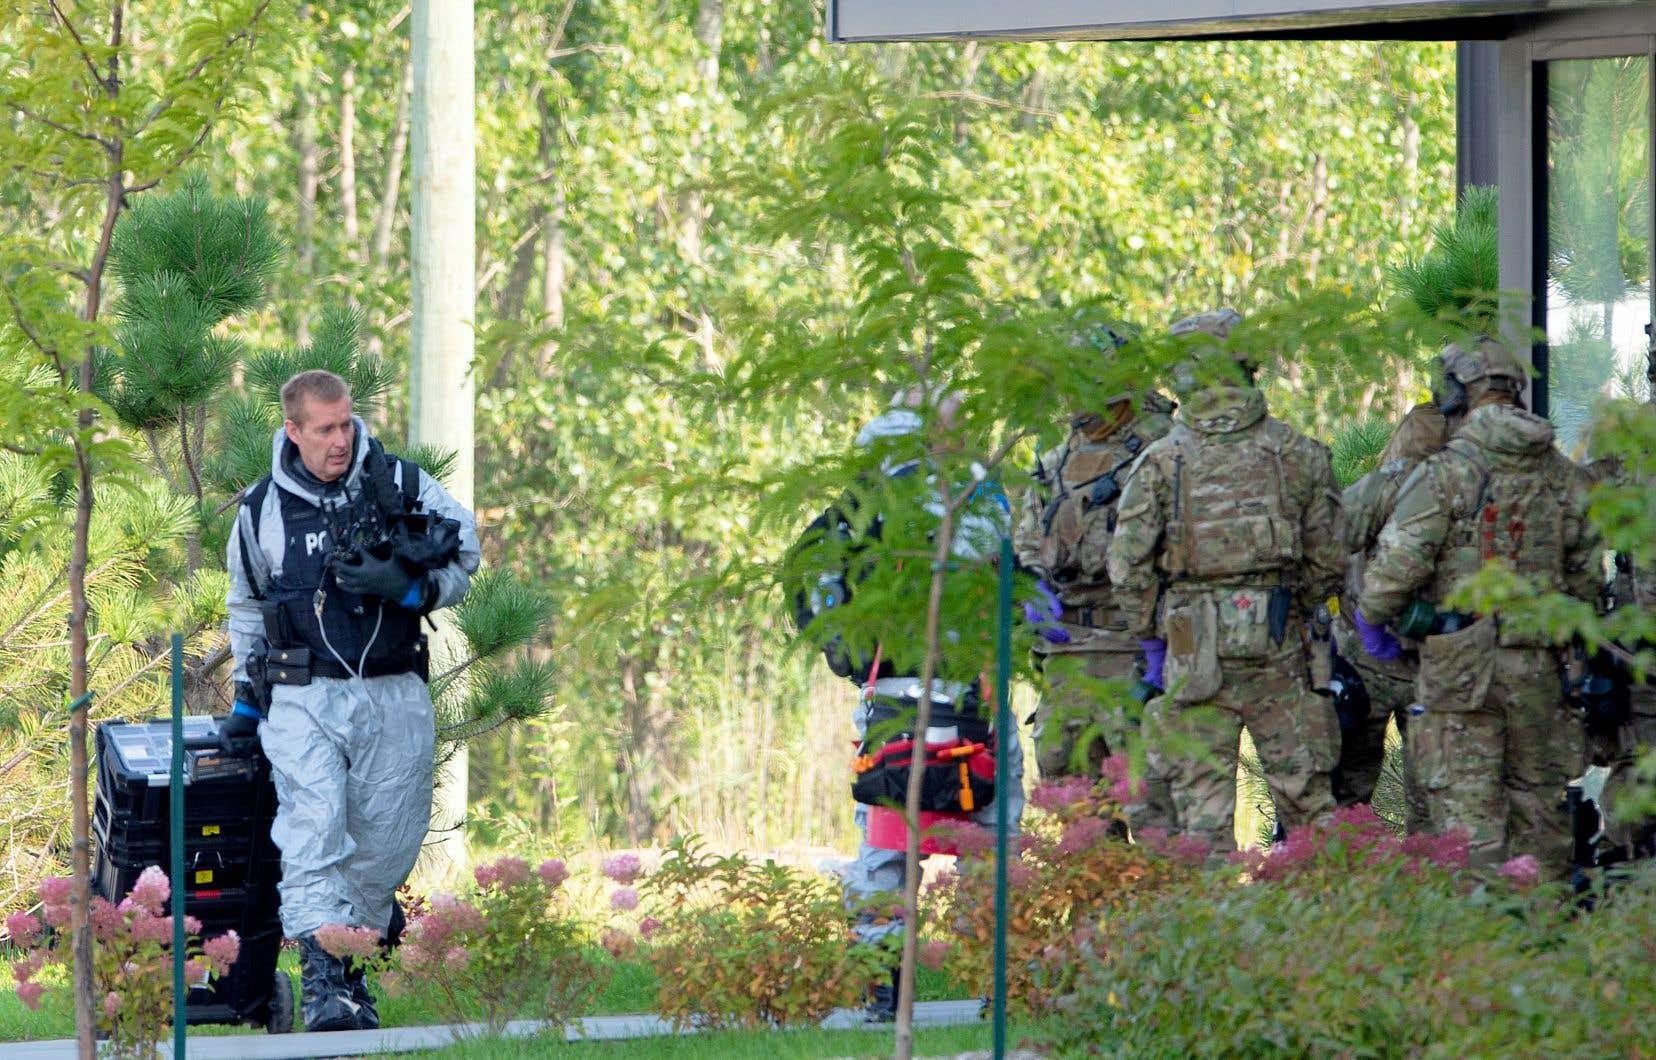 Les policiers ont entrepris une perquisition, lundi à 10h, dans un appartement d'un édifice de 70 logements situé sur le boulevard Vauquelin, à Saint-Hubert, à la demande du FBI.